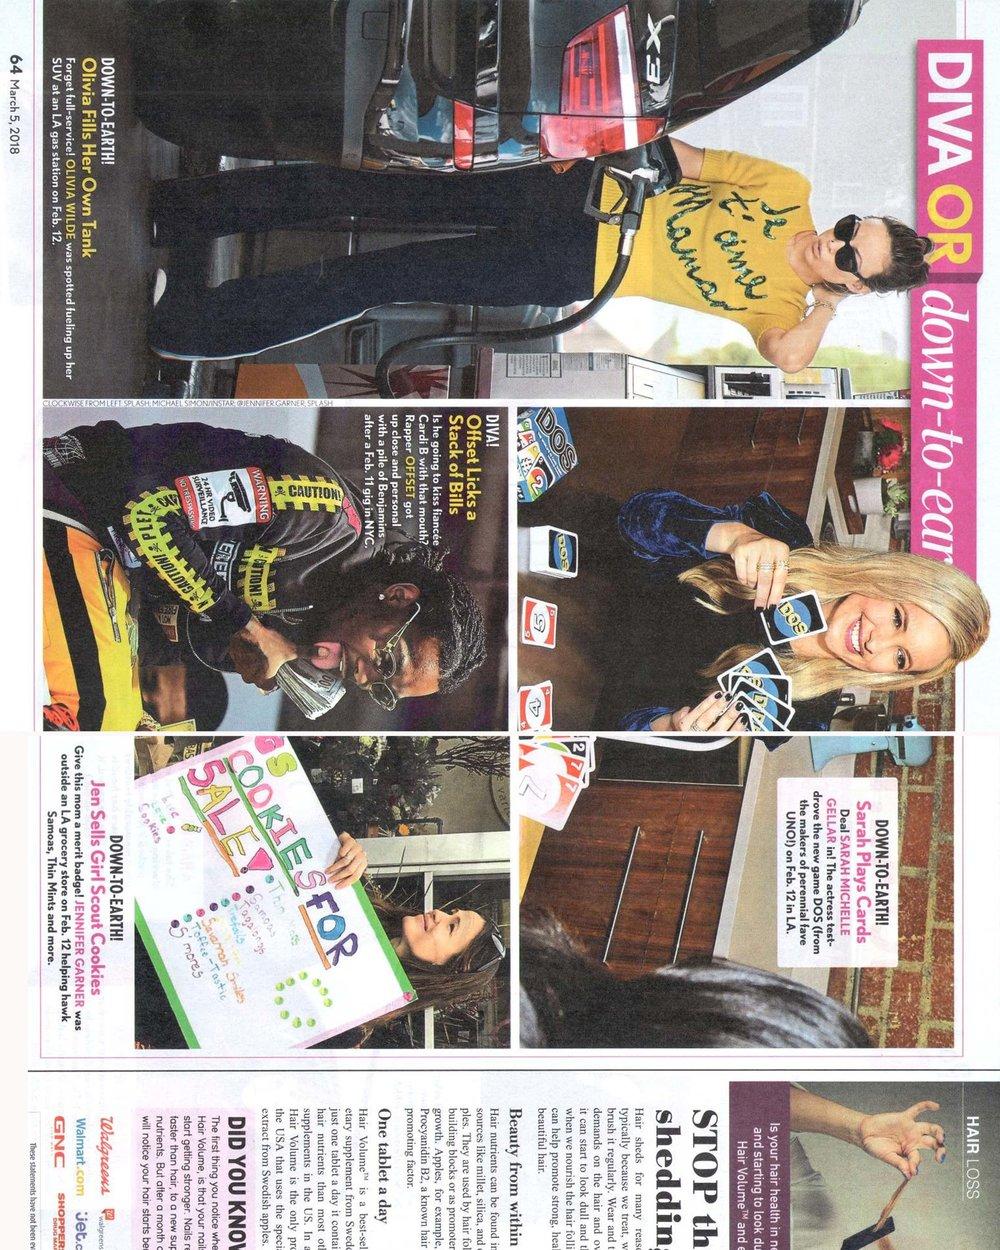 Sarah Michelle Geller X Dos By Uno Star Magazine.jpeg